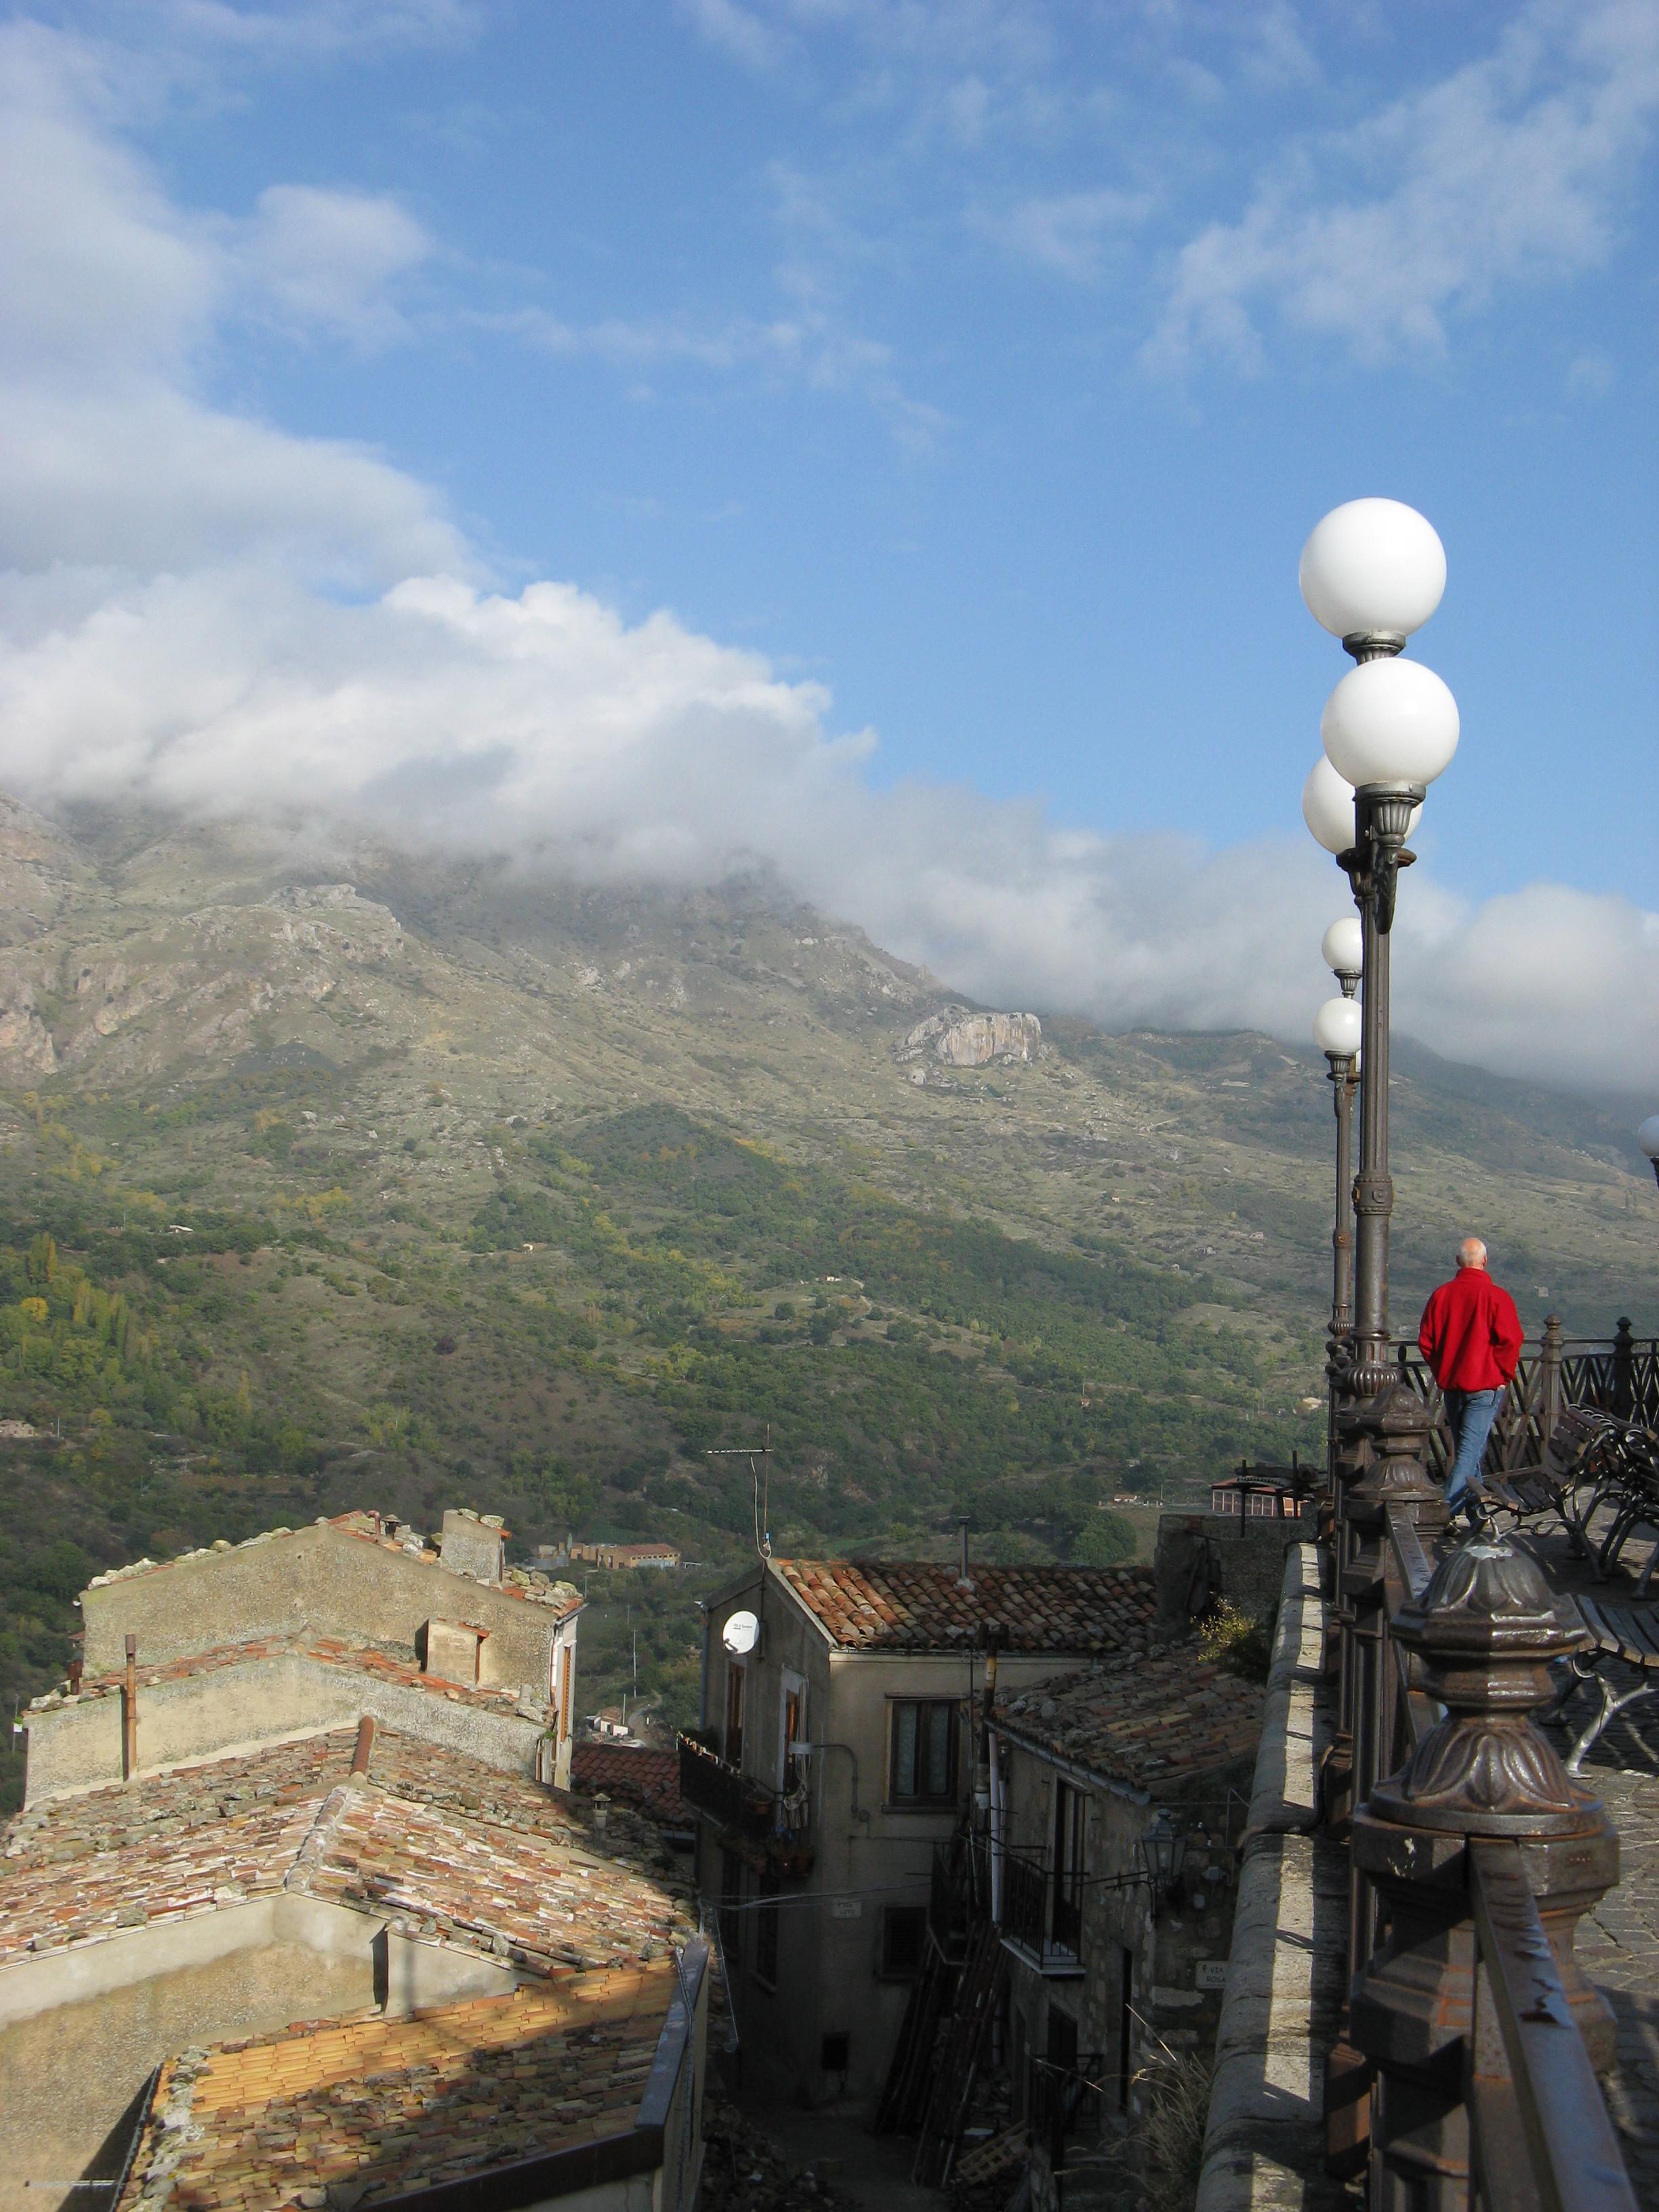 uitzicht vanaf het stadje Petralia Sottano